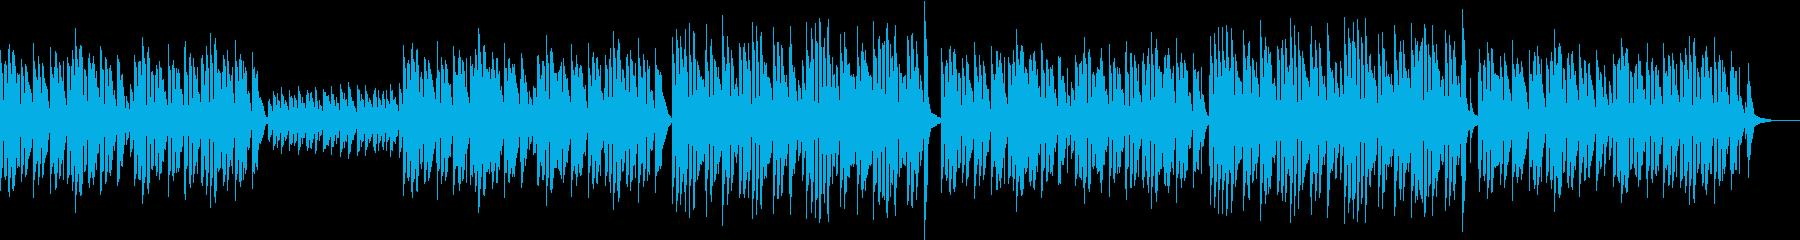 bpm104 キッズTikTok可愛い笛の再生済みの波形